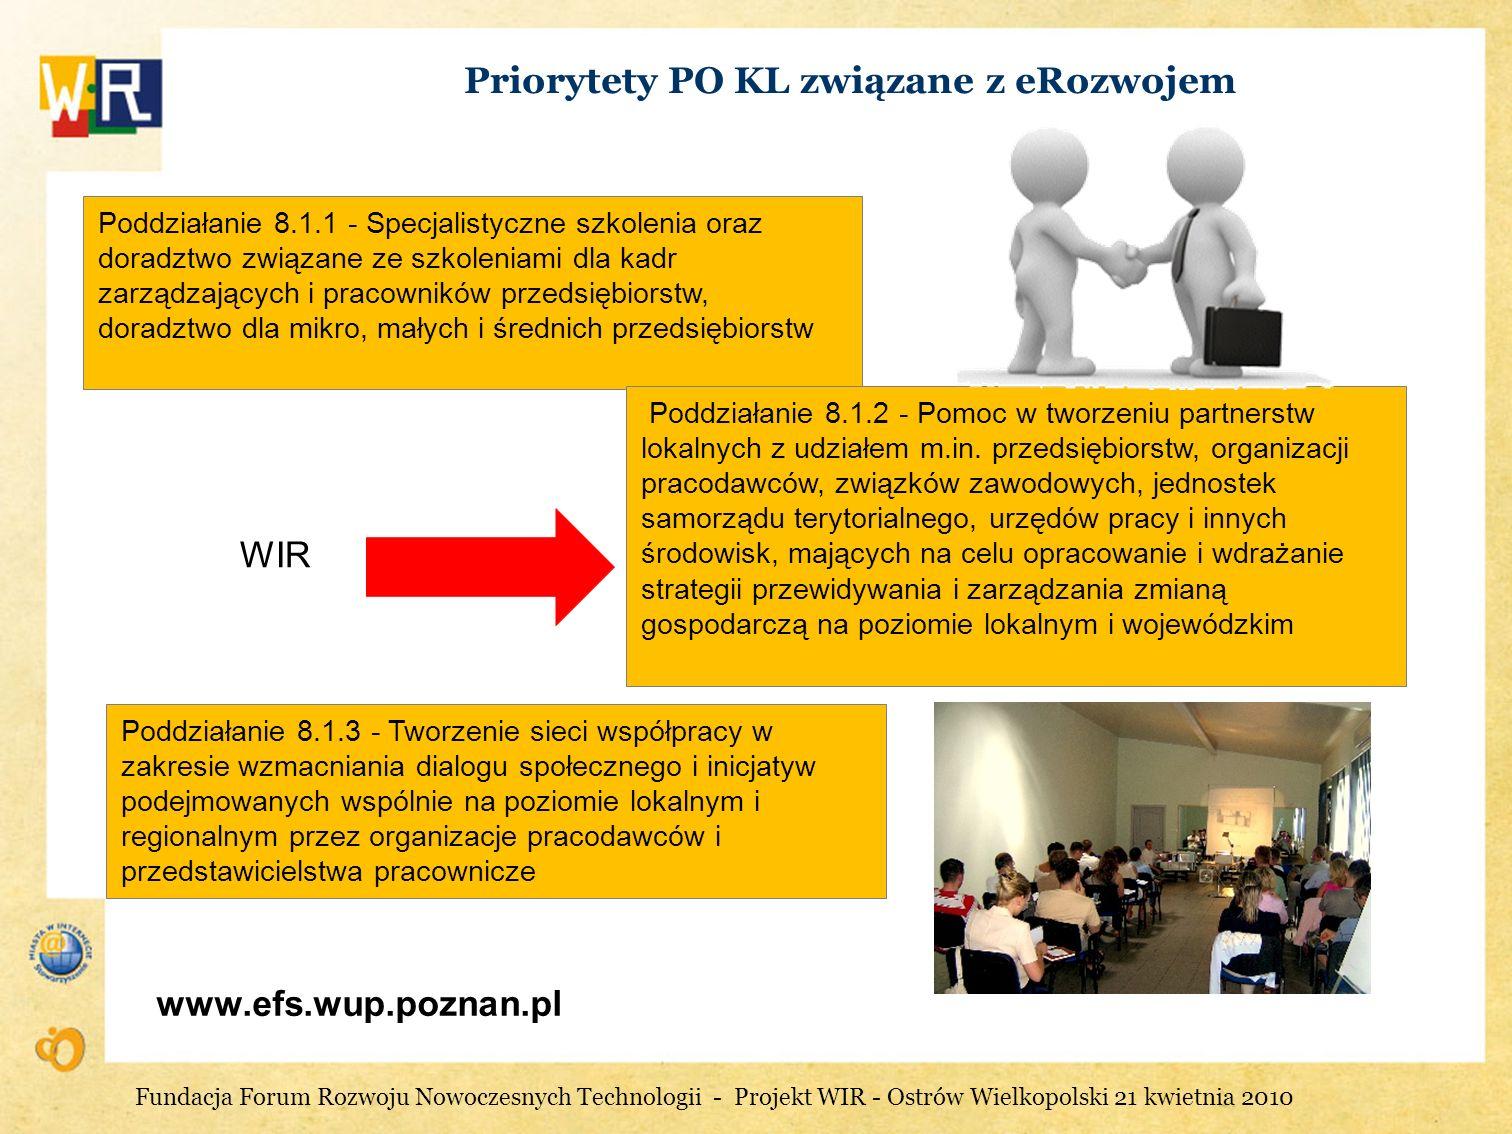 Priorytety PO KL związane z eRozwojem